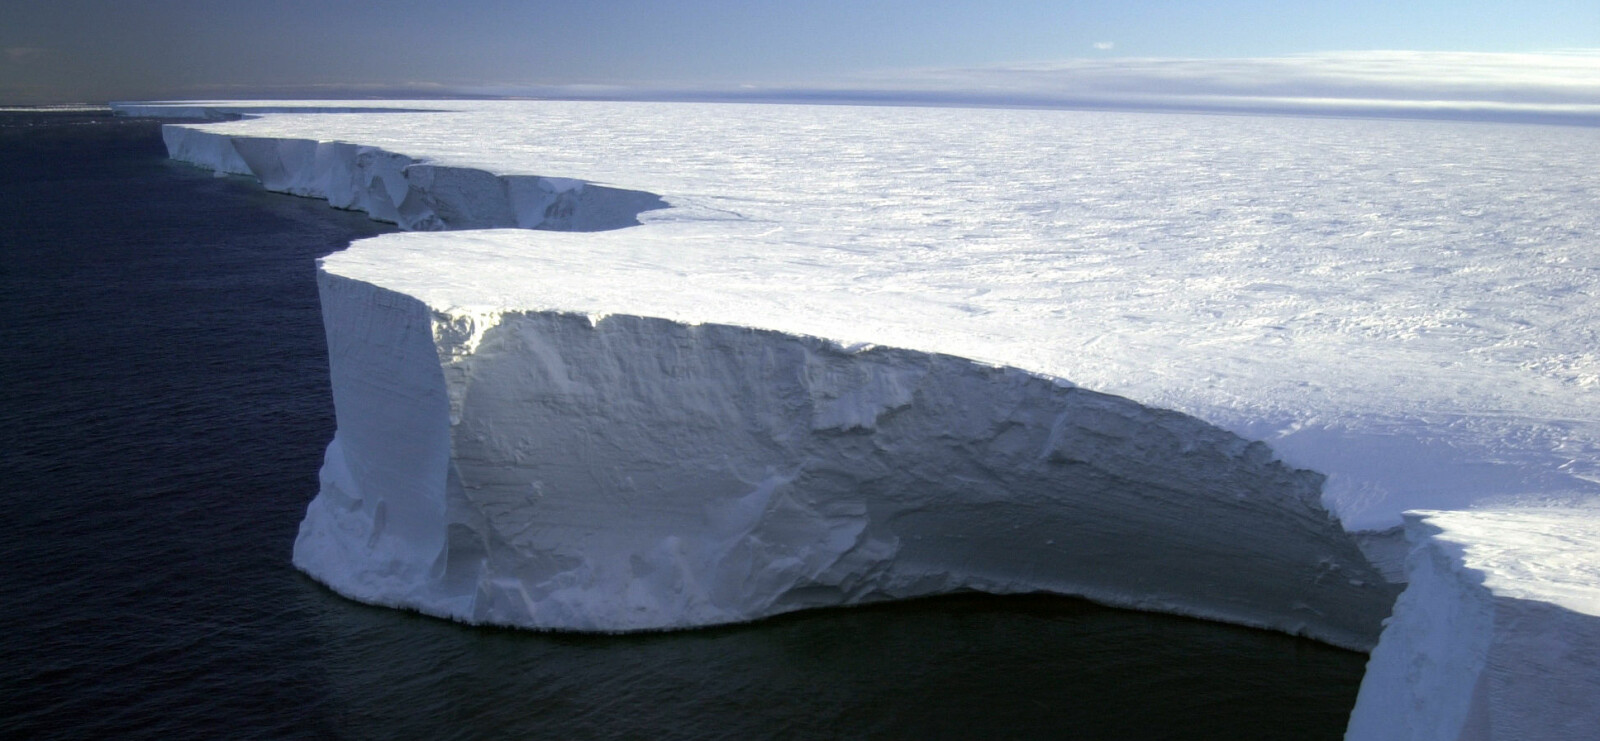 <b>VERDENS STØRSTE:</b> Isfjellet som brøt løs fra Antarktis i 2002, var lenge verdens største flytende objekt. Isfjellet var omtrent like stort som det samlede arealet til fylkene Oslo, Akershus og Østfold.